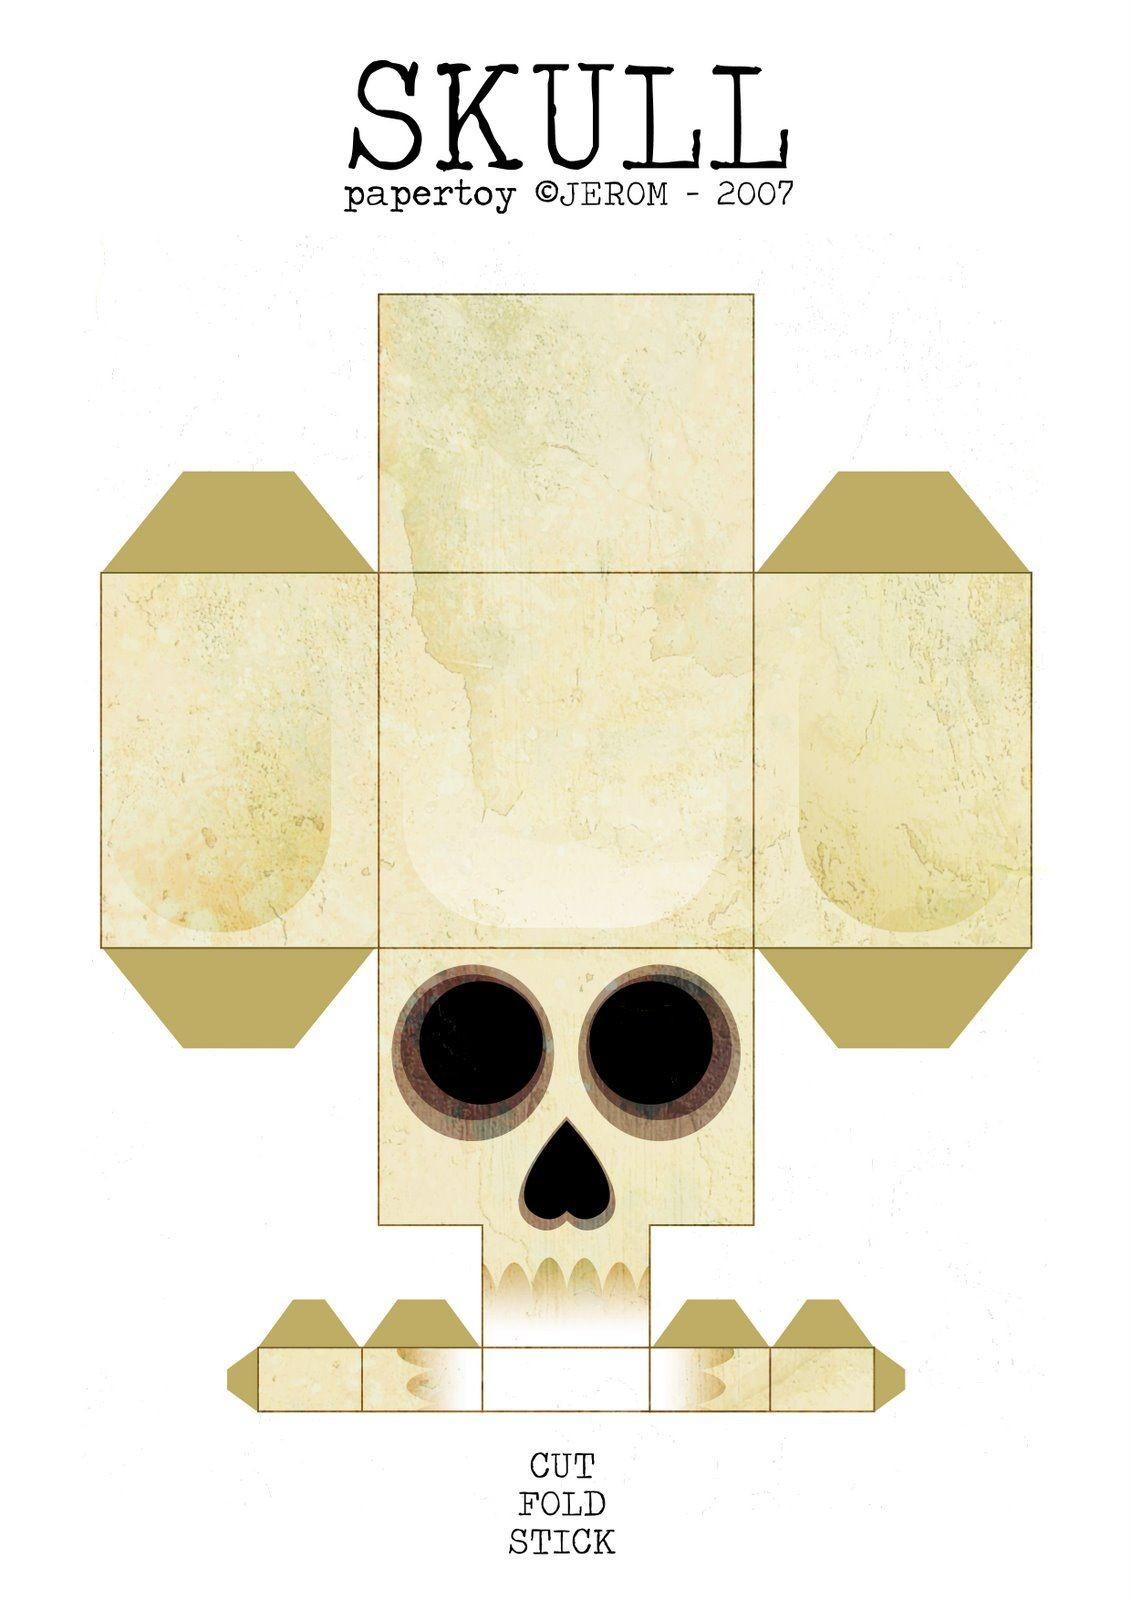 Skull Papercraft Jb8ha9cuj44 Tnzz01g0xvi Aaaaaaaaaws 7nkxxe